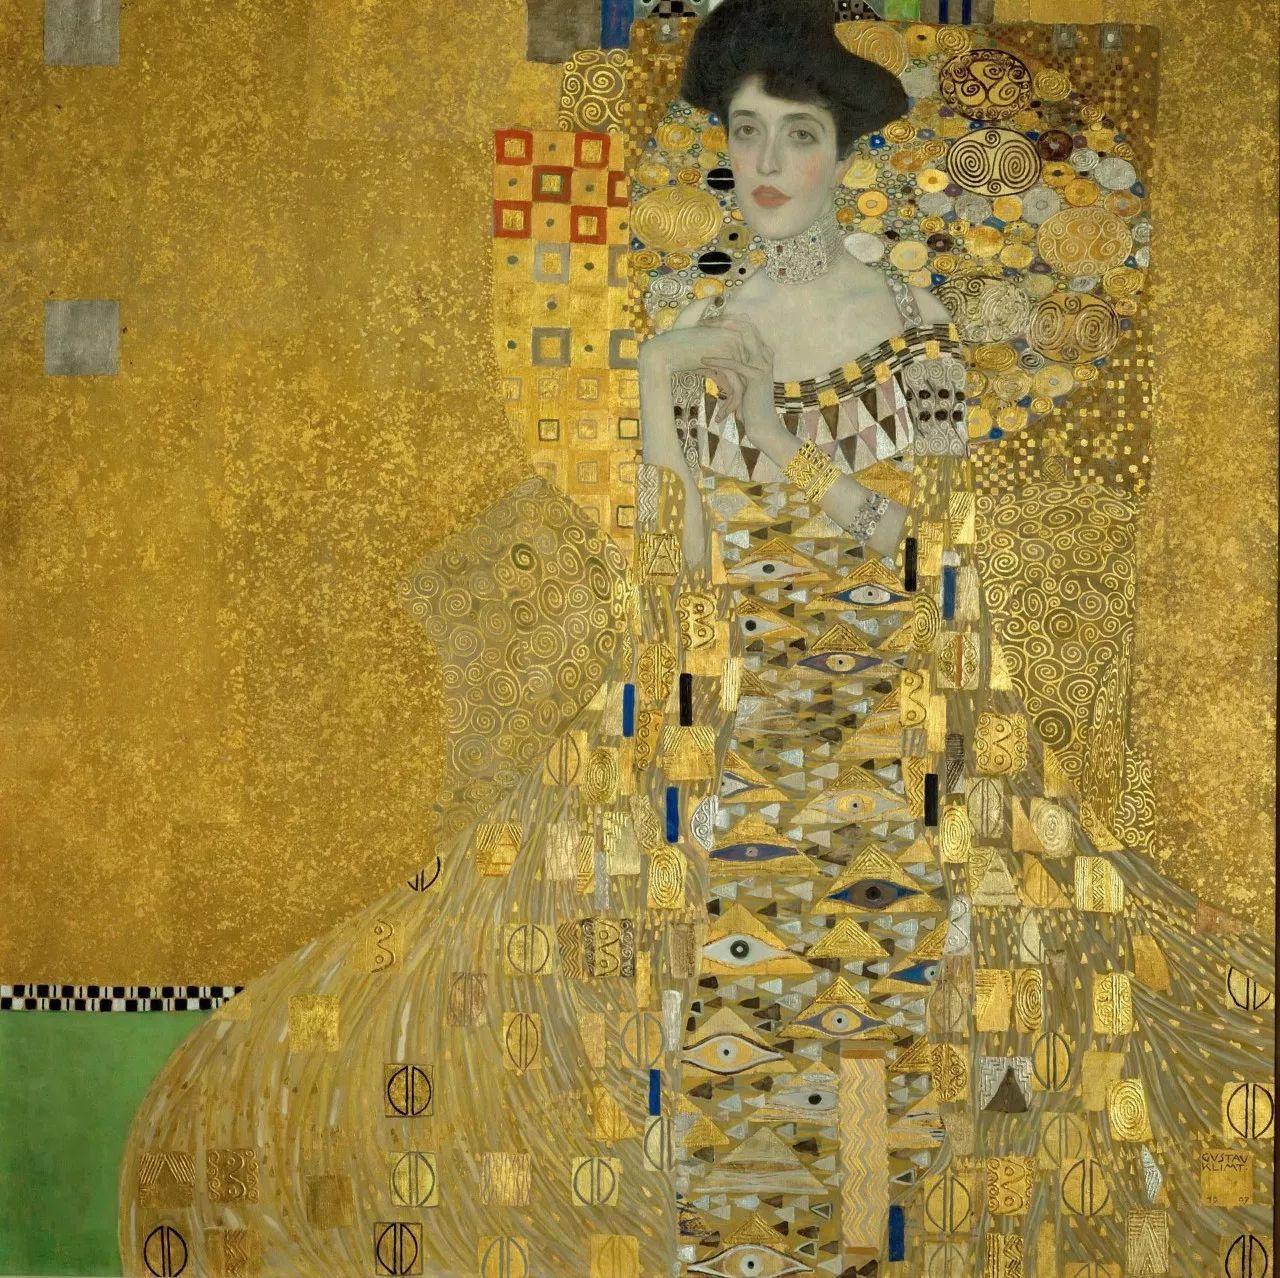 克林姆特亚当和夏娃_文化 正文  在1904年和1905年的暑假期间,克里姆特在利兹伯格的时候所